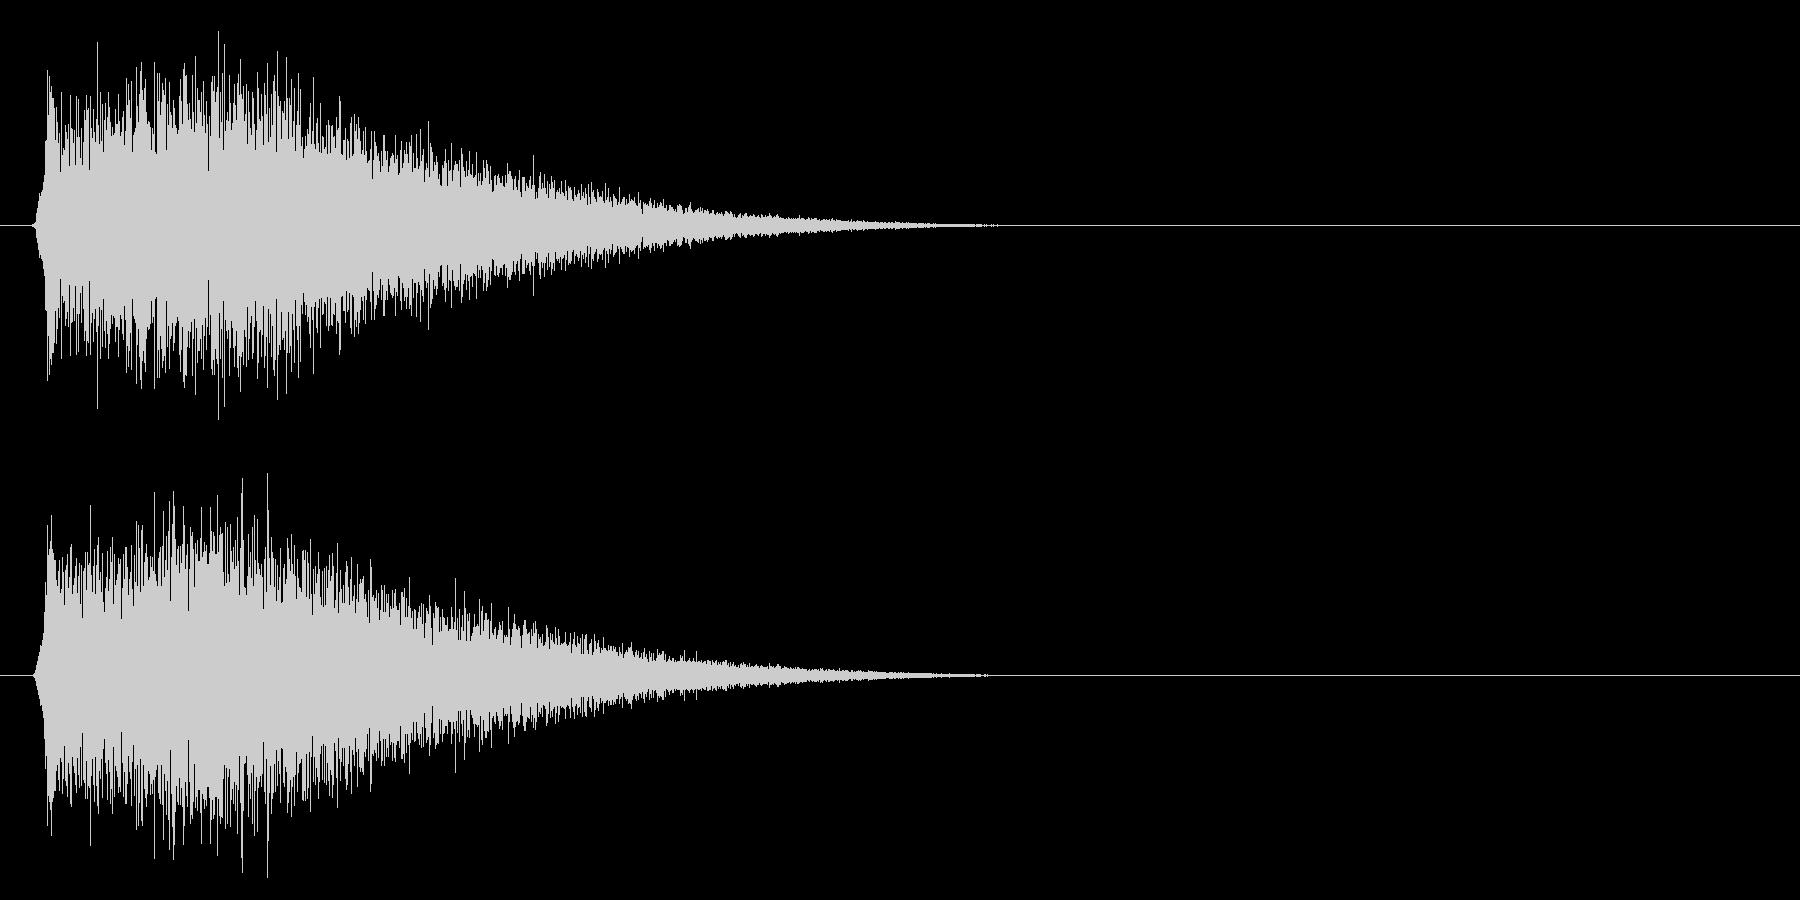 キュイーン/チャージ/ビーム_01の未再生の波形